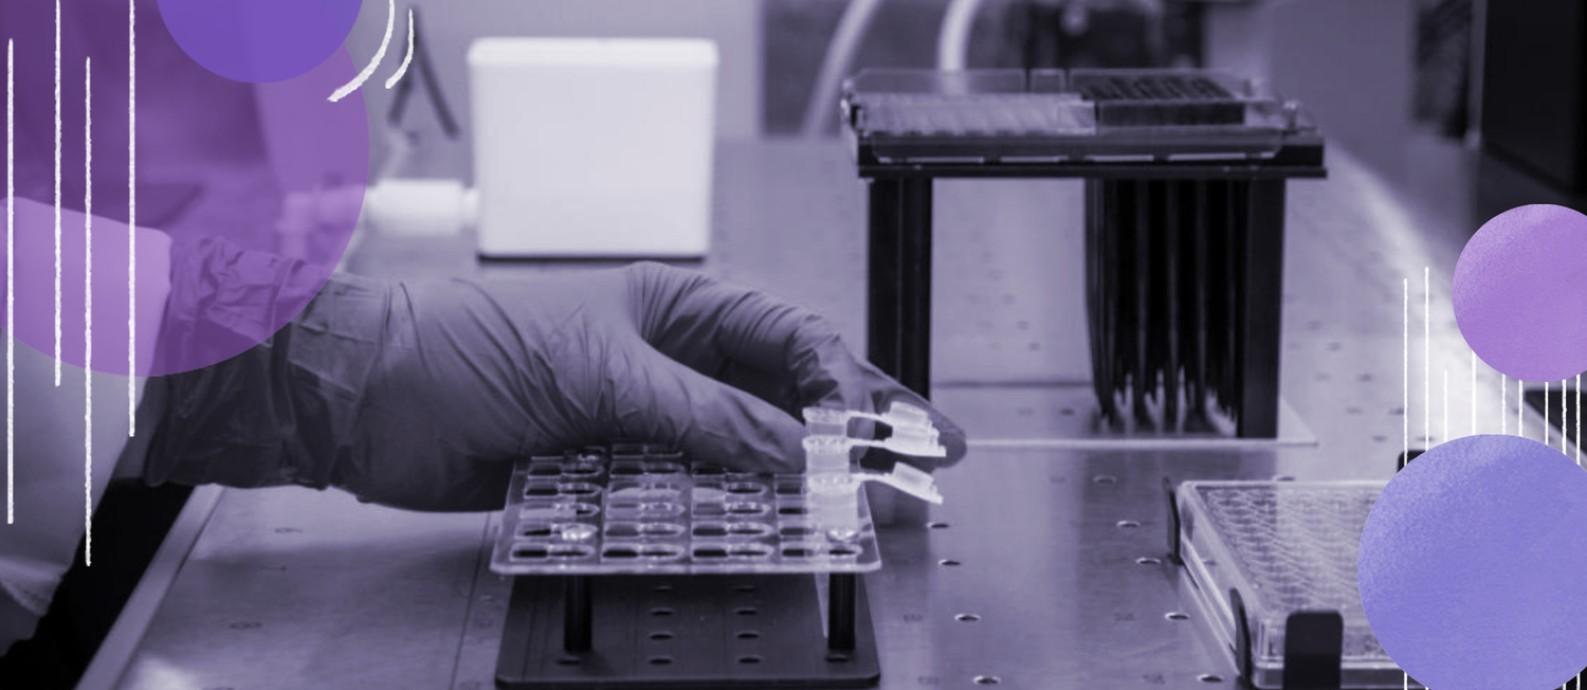 Laboratório de Investigação Pulmonar (LIP) faz parte do Instituto de Biofísica Carlos Chagas Filho, da Universidade Federal do Rio de Janeiro (UFRJ) Foto: Artur Moês / Cordcom/UFRJ/Divulgação